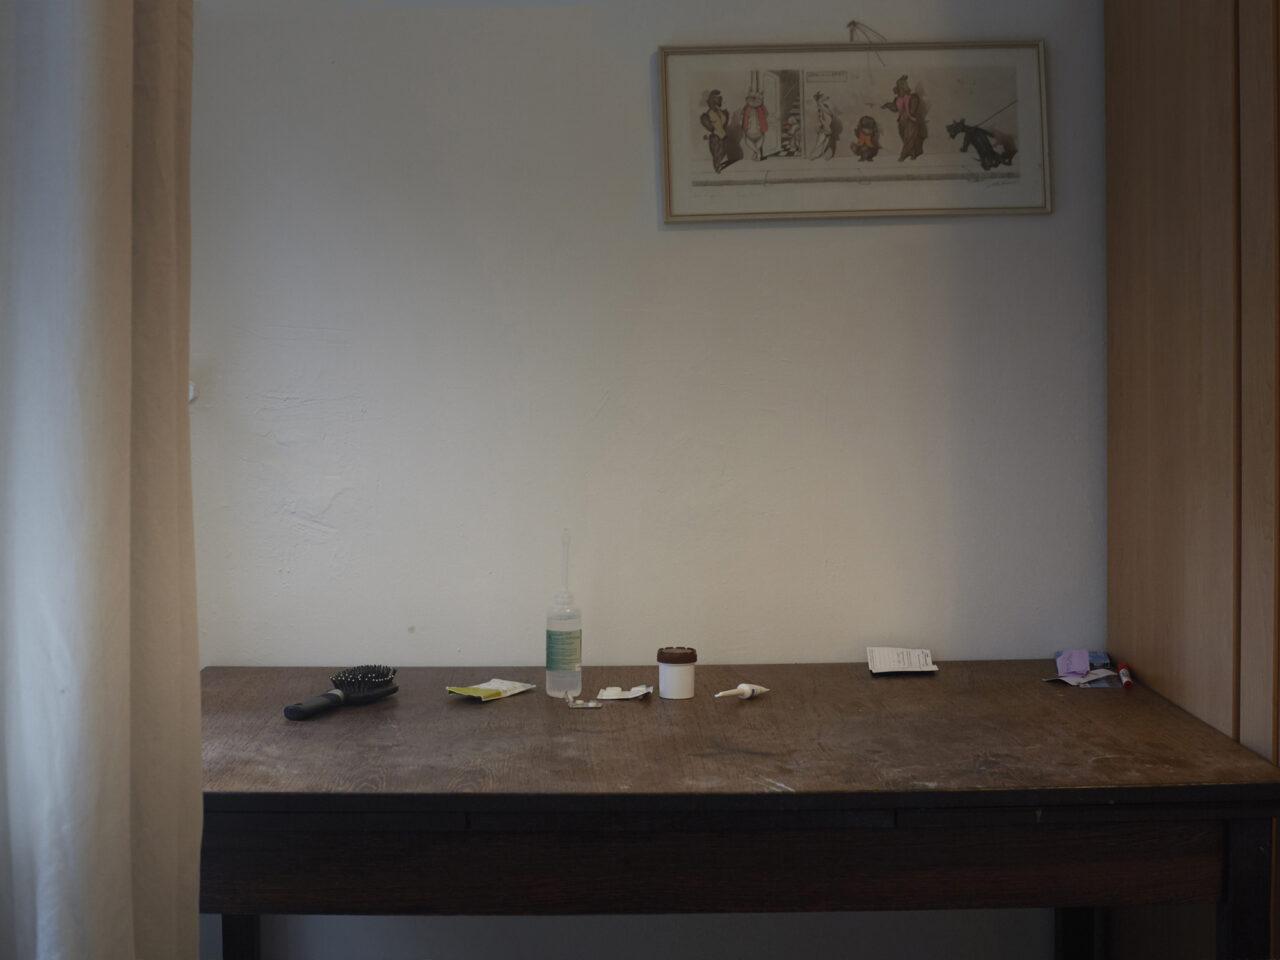 Ali's medicijnen, tijdelijke opvang, gerund door de diaconie, Amsterdam